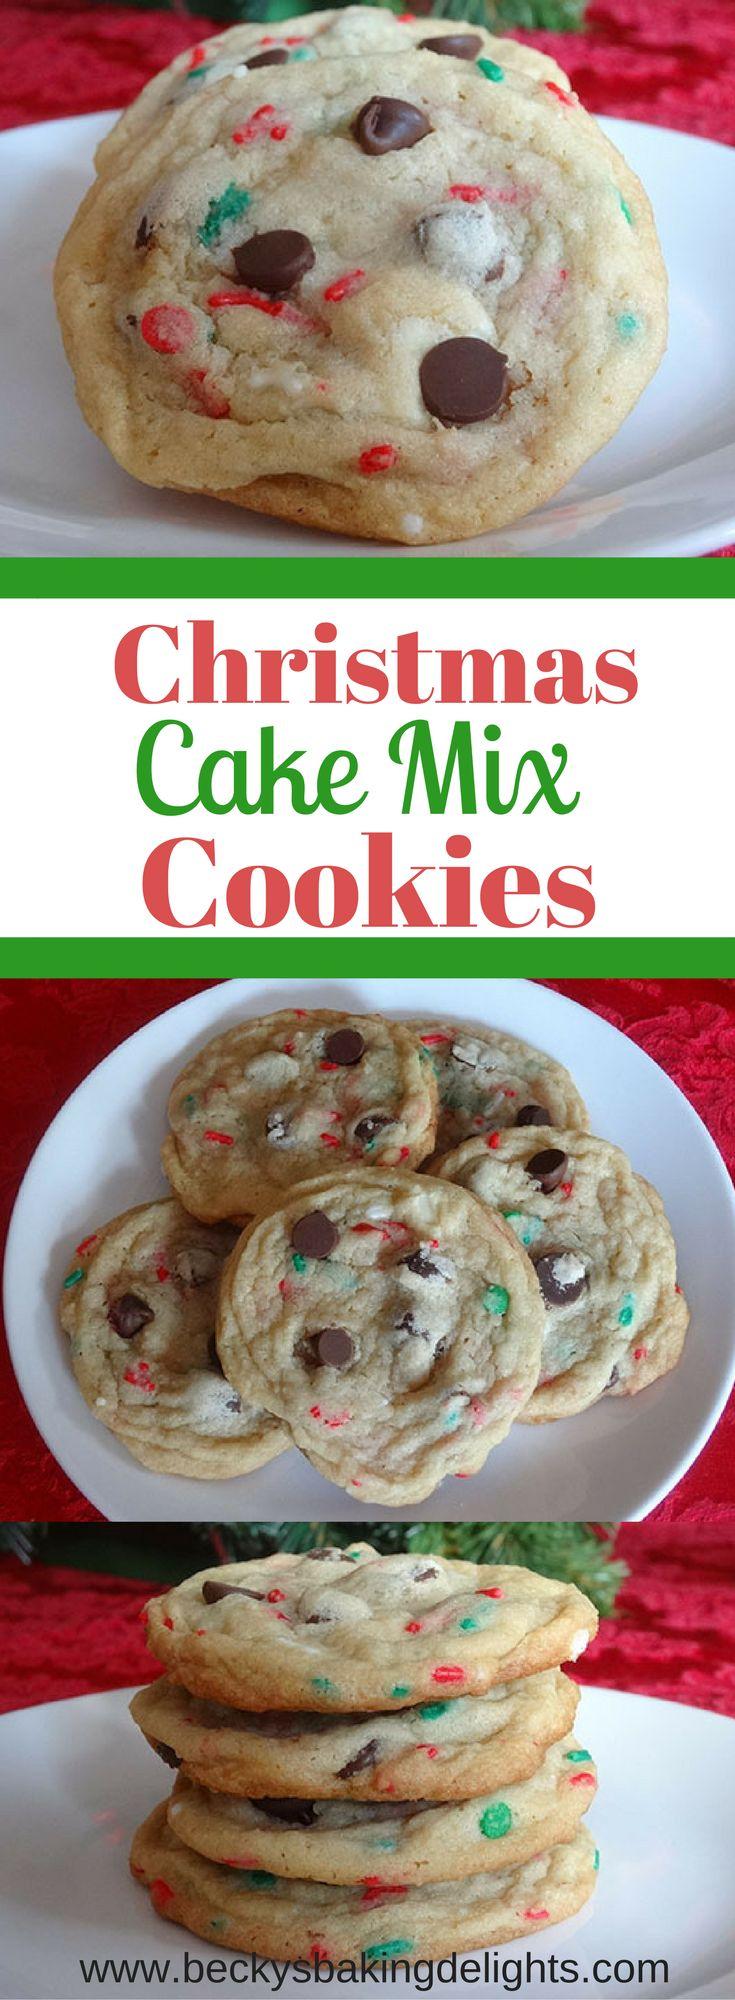 Christmas Cake Mix CookiesCrystal Banks